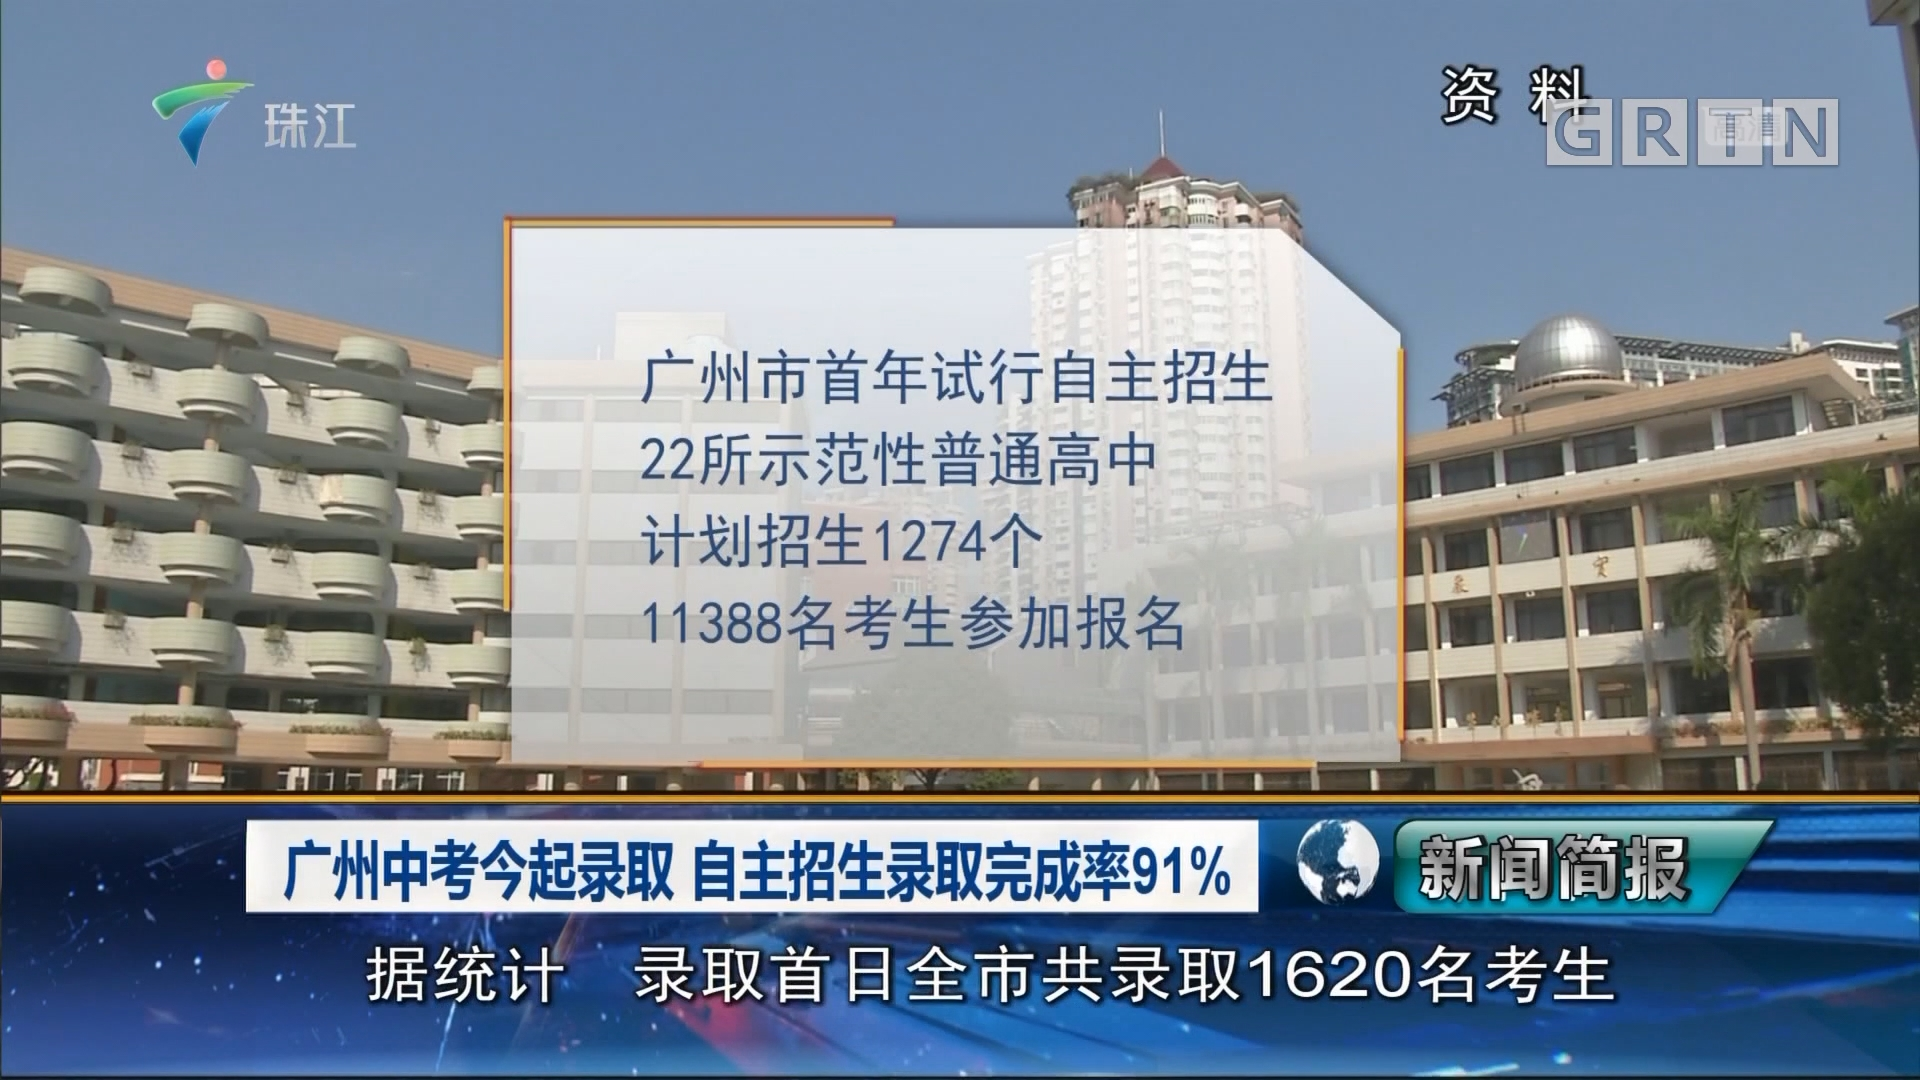 广州中考今起录取 自主招生录取完成率91%